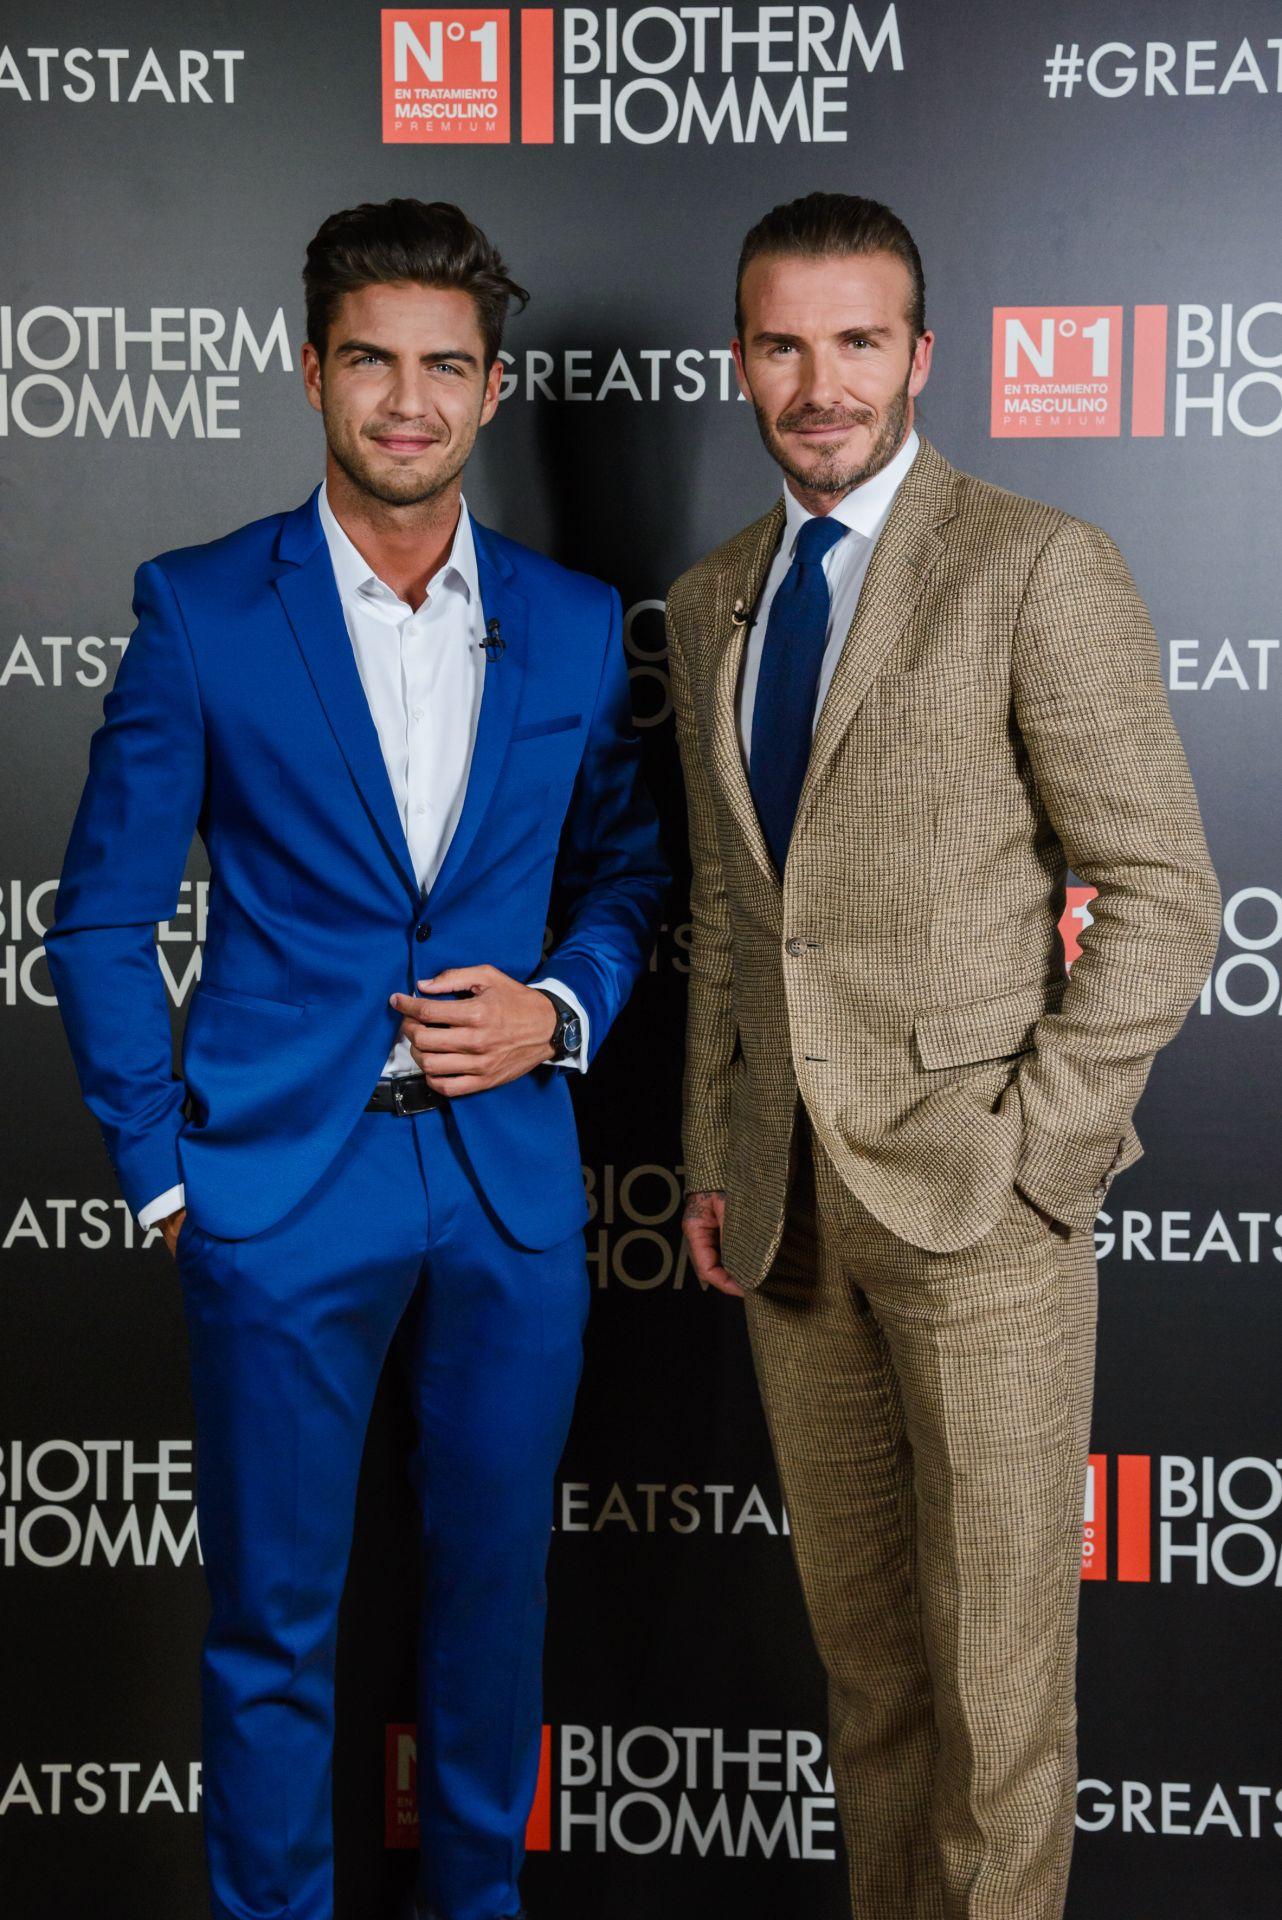 ¿Cuánto mide Maxi Iglesias? - Altura David-Beckham-with-Maxi-Iglesias-for-Biotherm-Homme